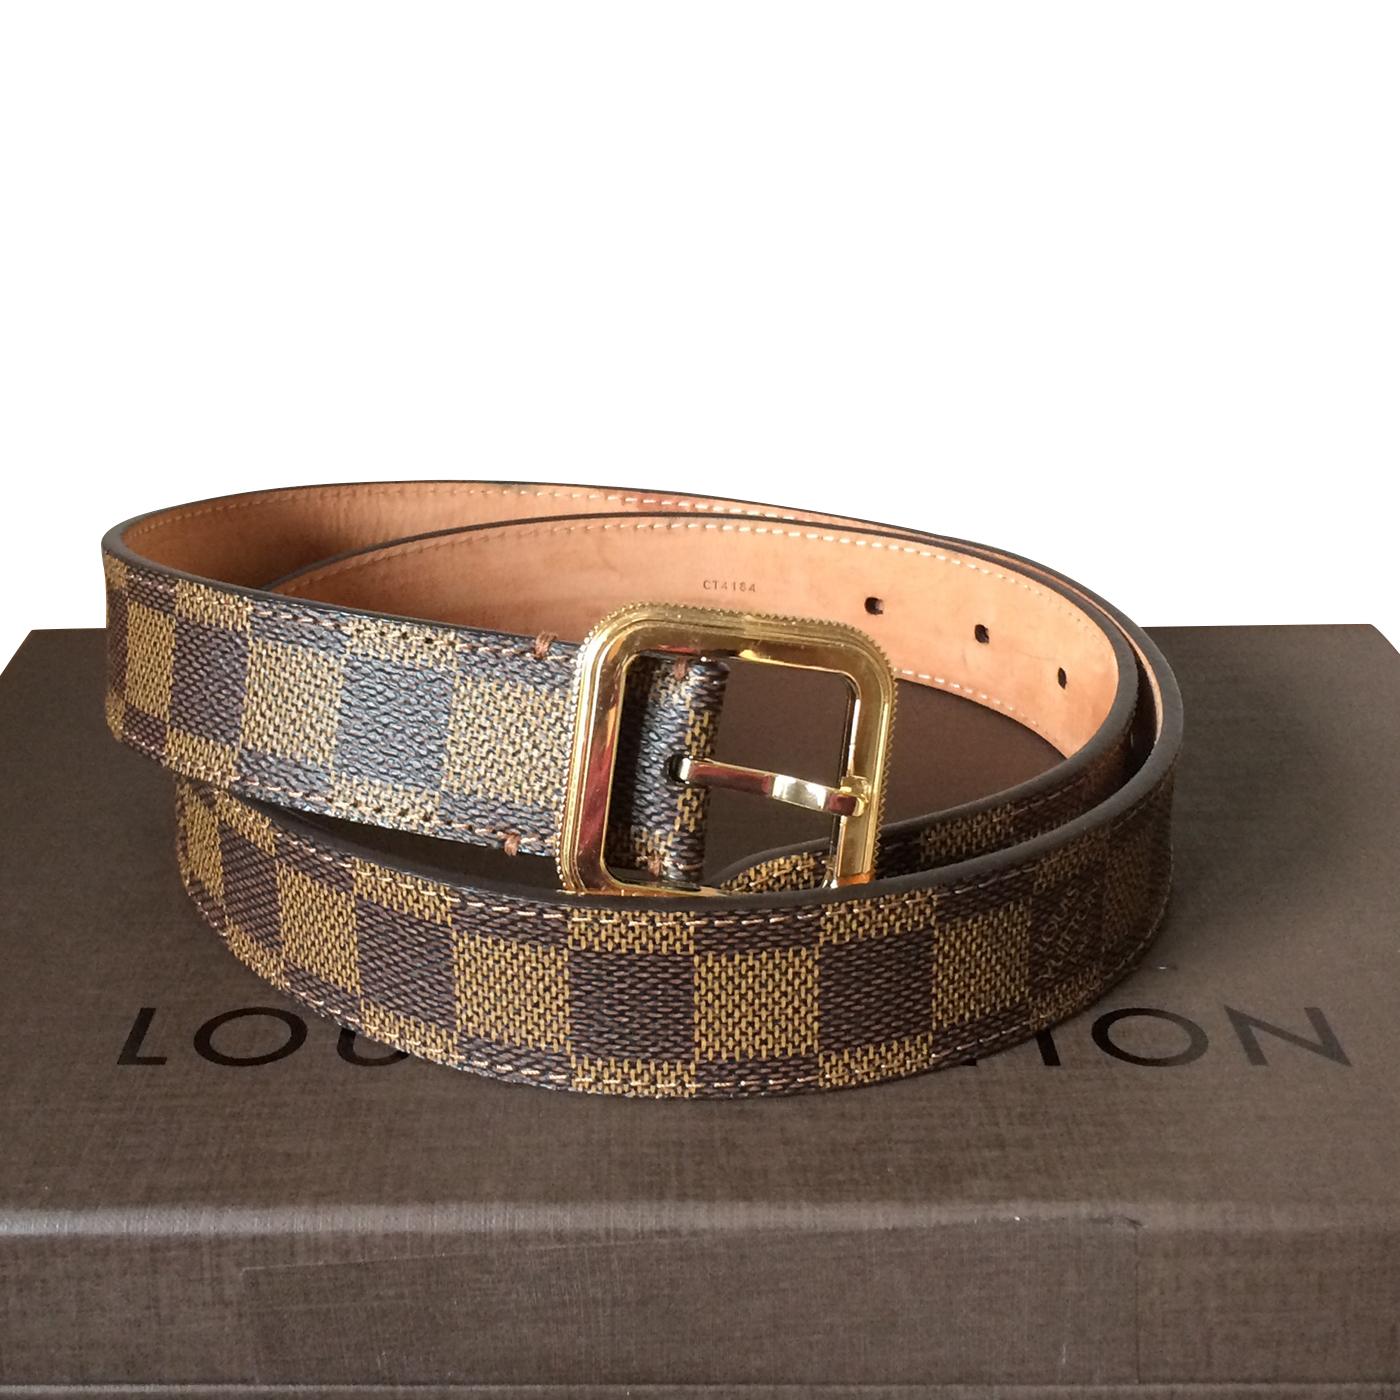 db4a9836817b Louis Vuitton Tresor Damier Ebene Belt Size M